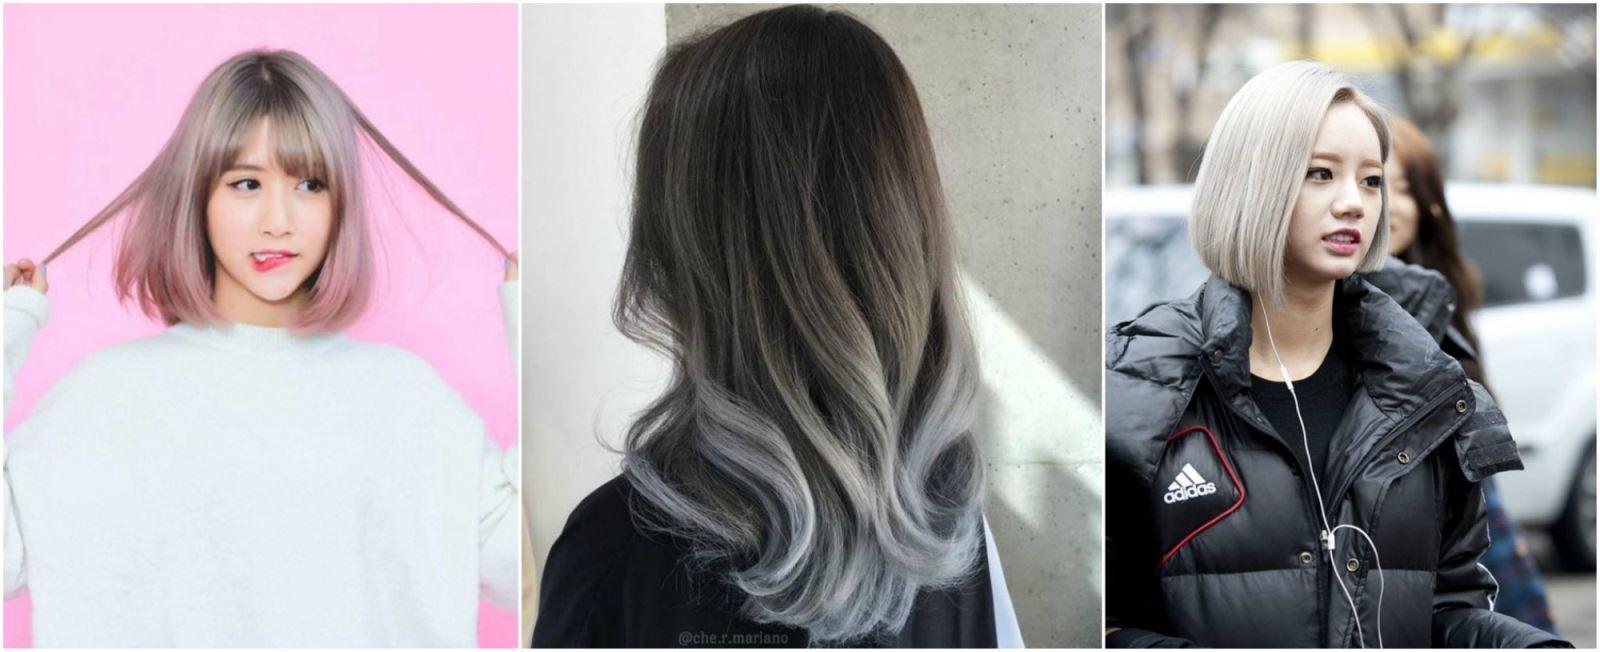 Những màu tóc đẹp cho nữ 2020 không biết thì phí